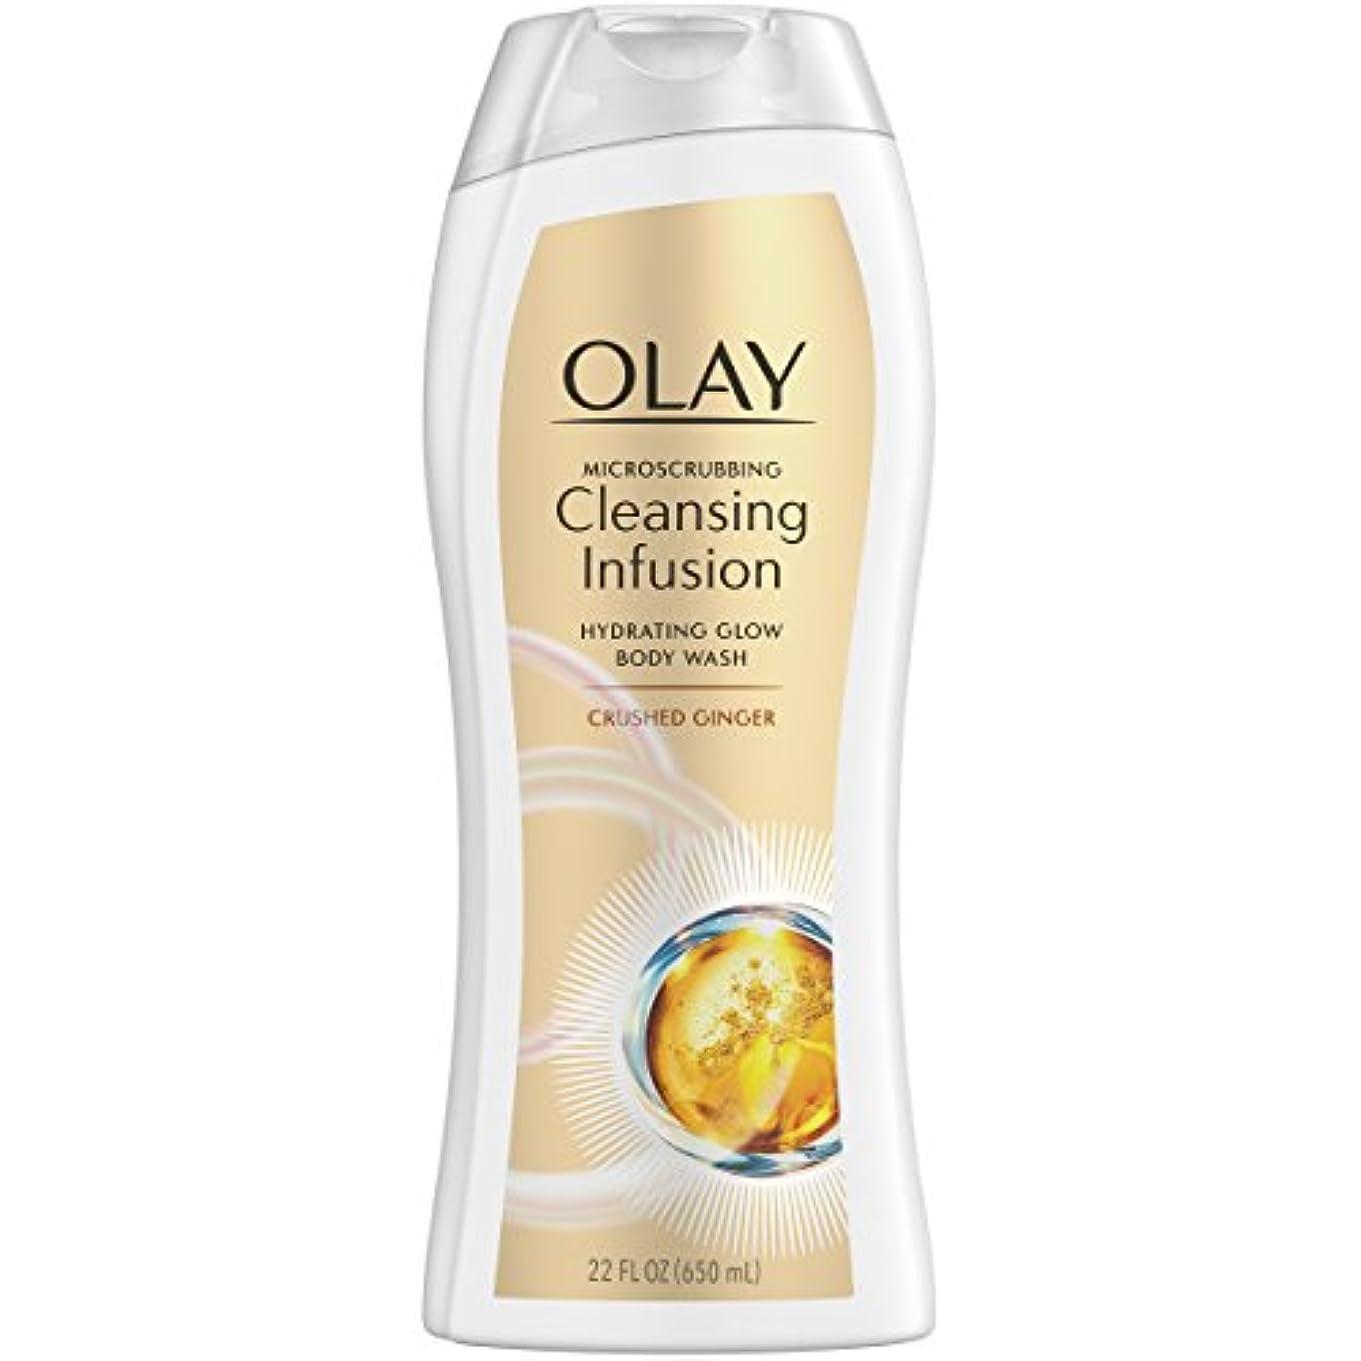 ジェット金属判定Olay Microscrubbingクレンジング注入ボディウォッシュ、砕石ジンジャー、22オンス